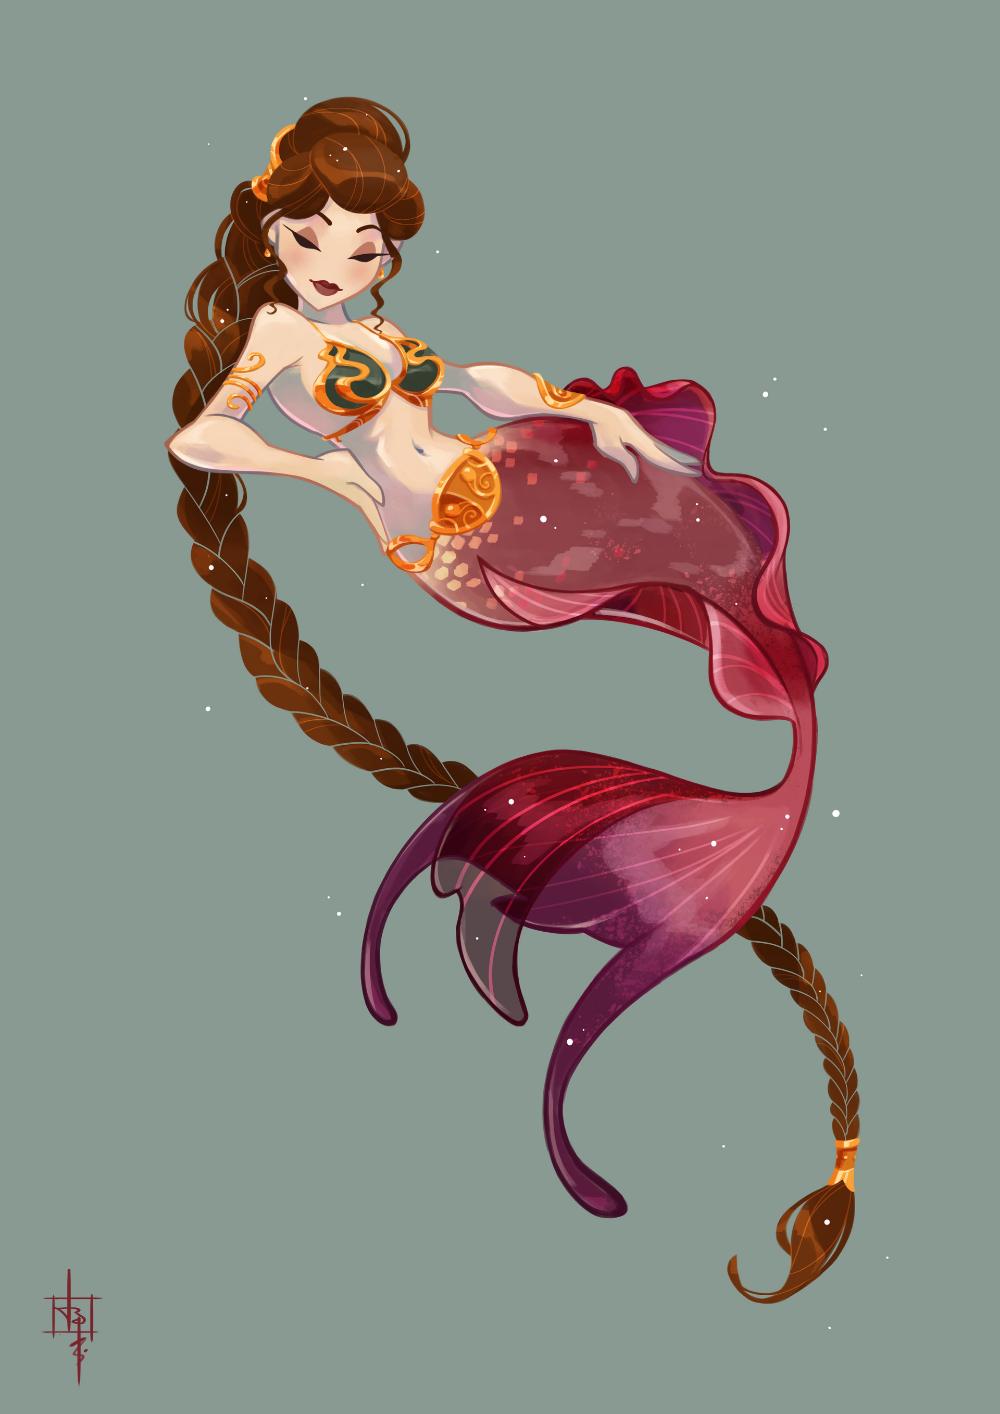 Leia_Mermaid, Tatiana Ortaliz